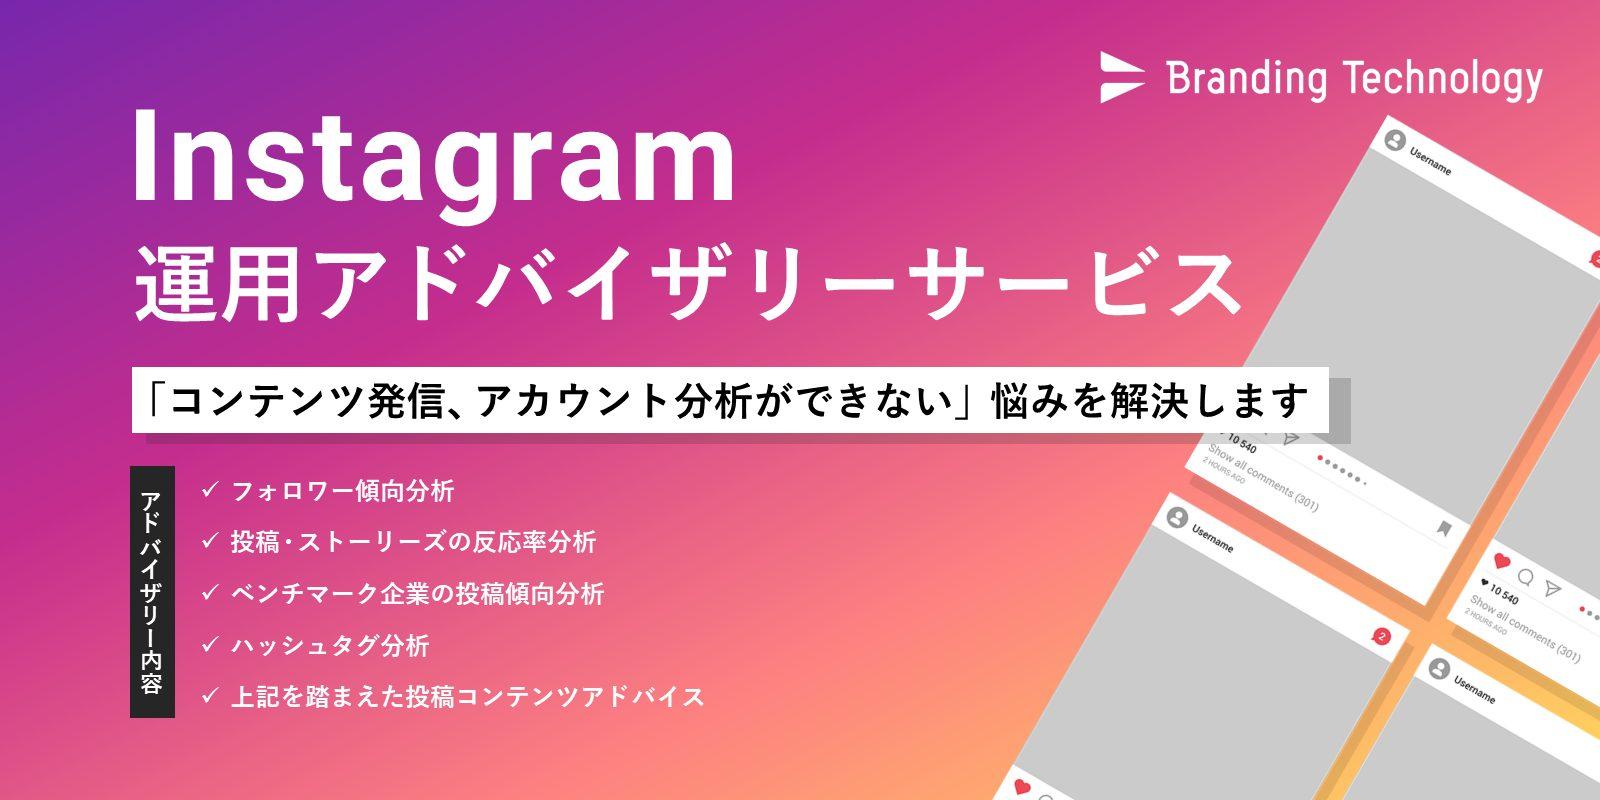 Instagram運用アドバイザリーサービスをリリース。中堅・中小企業様の「コンテンツ発信・アカウント分析」を支援